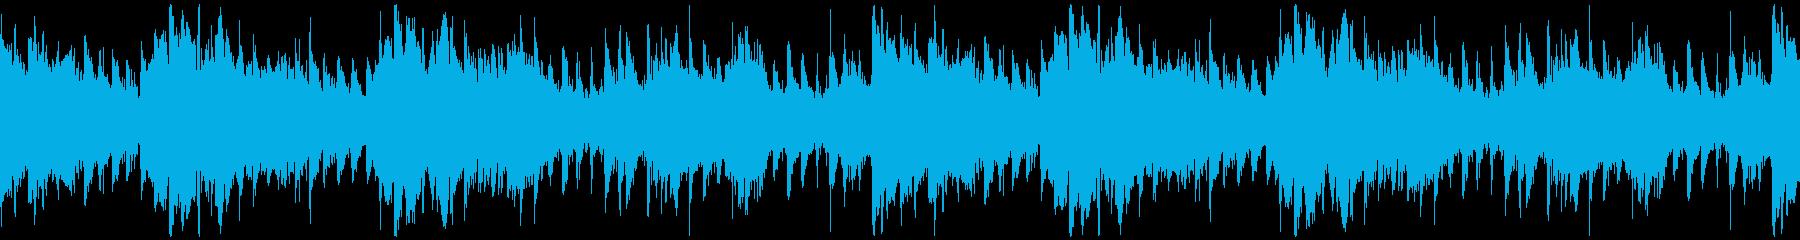 ループ[ニュース報道]無機質:13の再生済みの波形